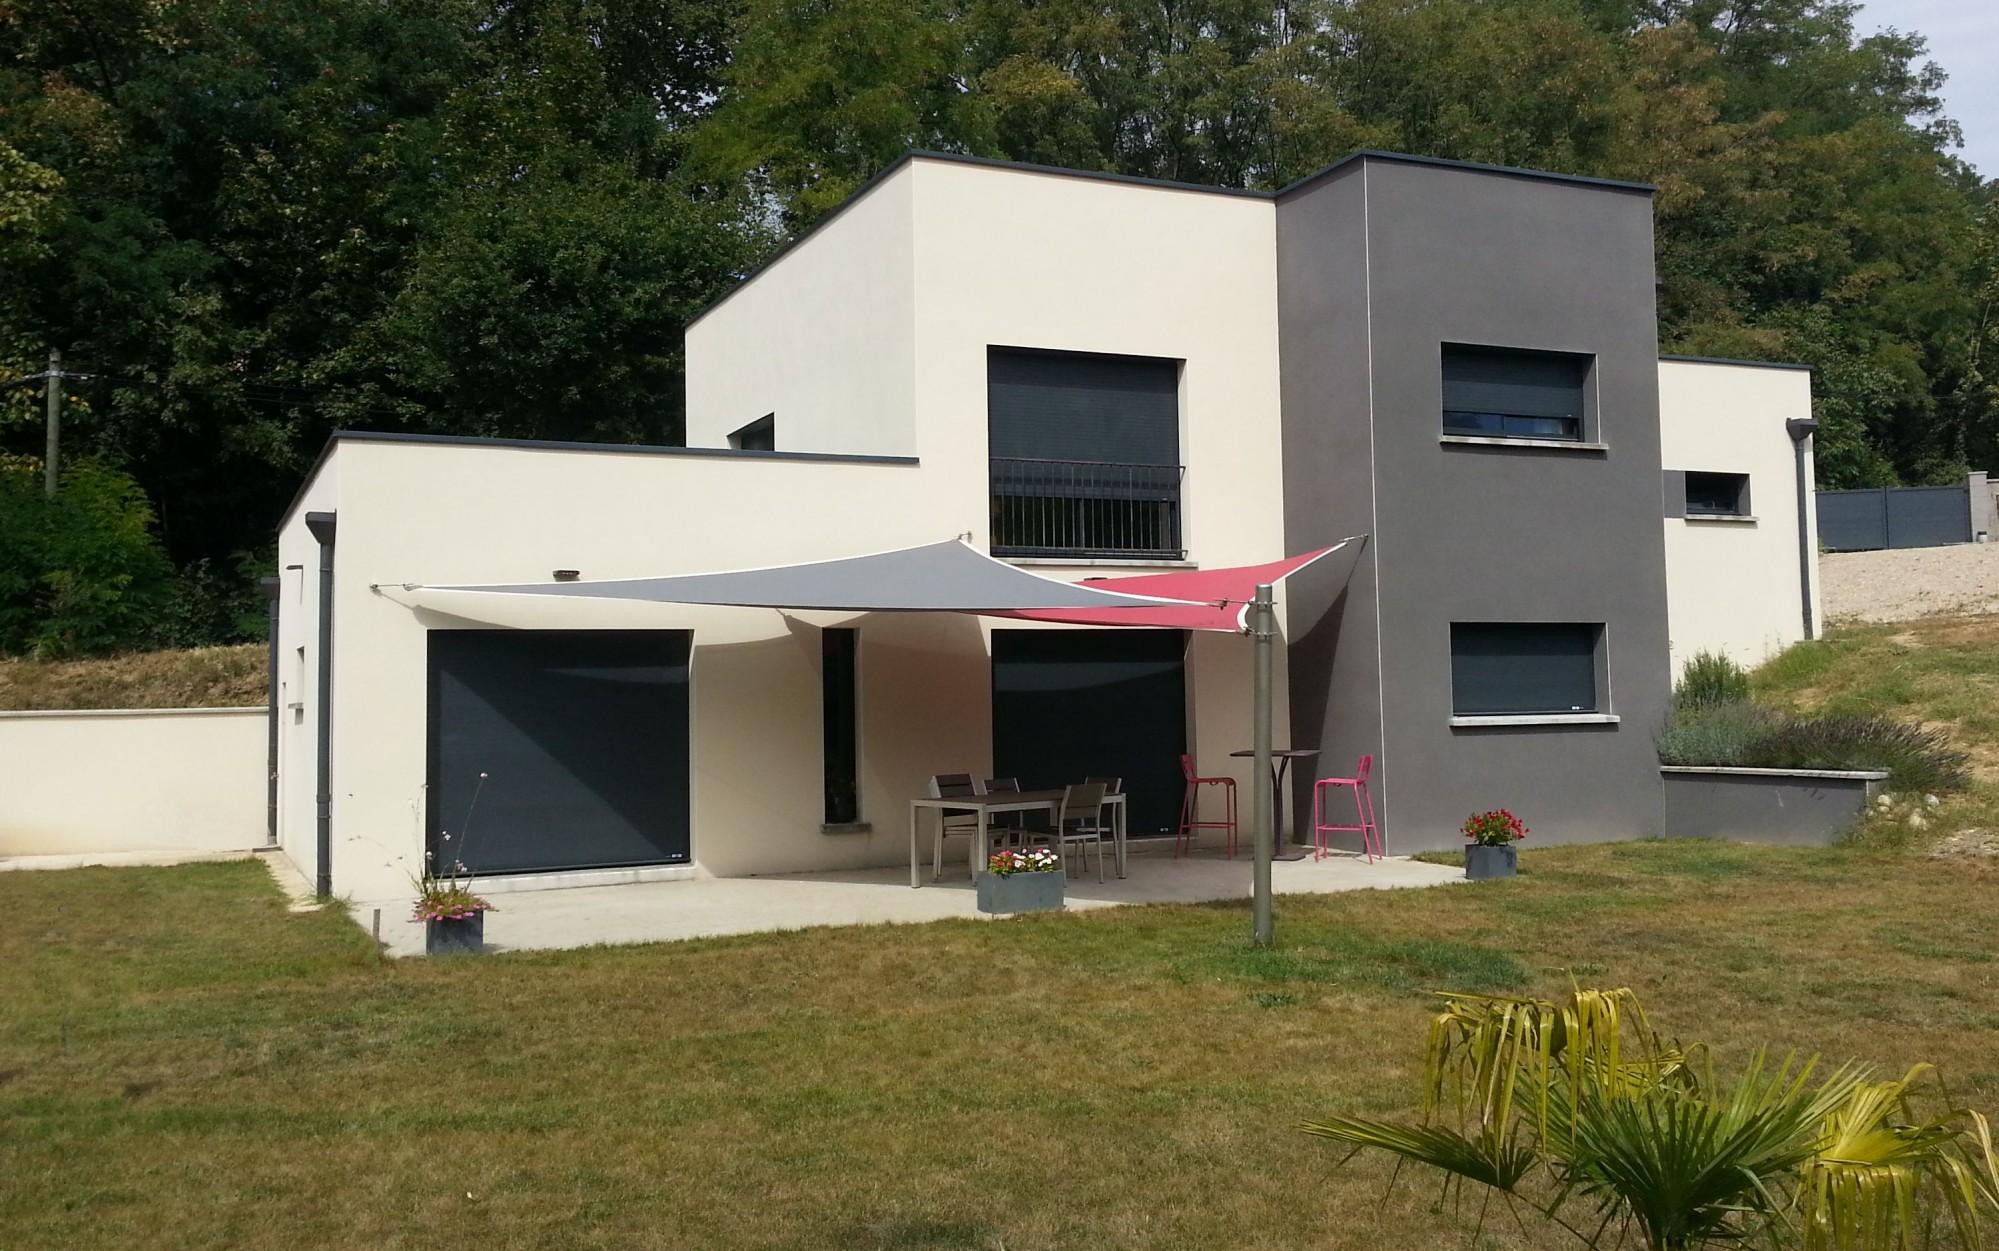 Maison moderne toiture bac acier ventana blog for Toiture maison contemporaine